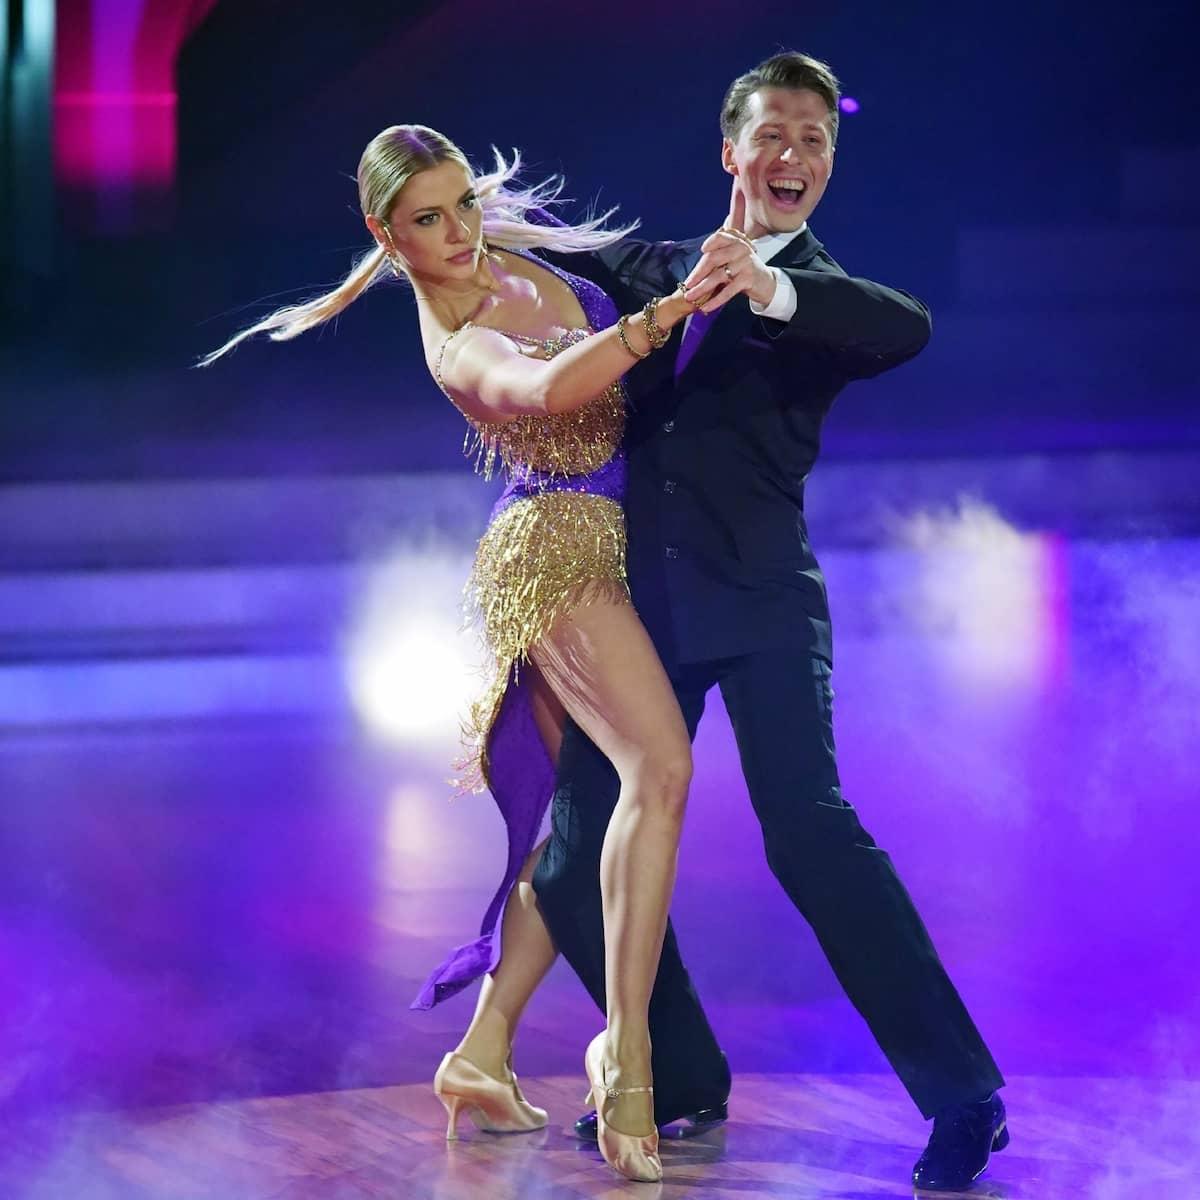 Tango von Valentina Pahde und Valentin Lusin - Let's dance am 5.3.2021